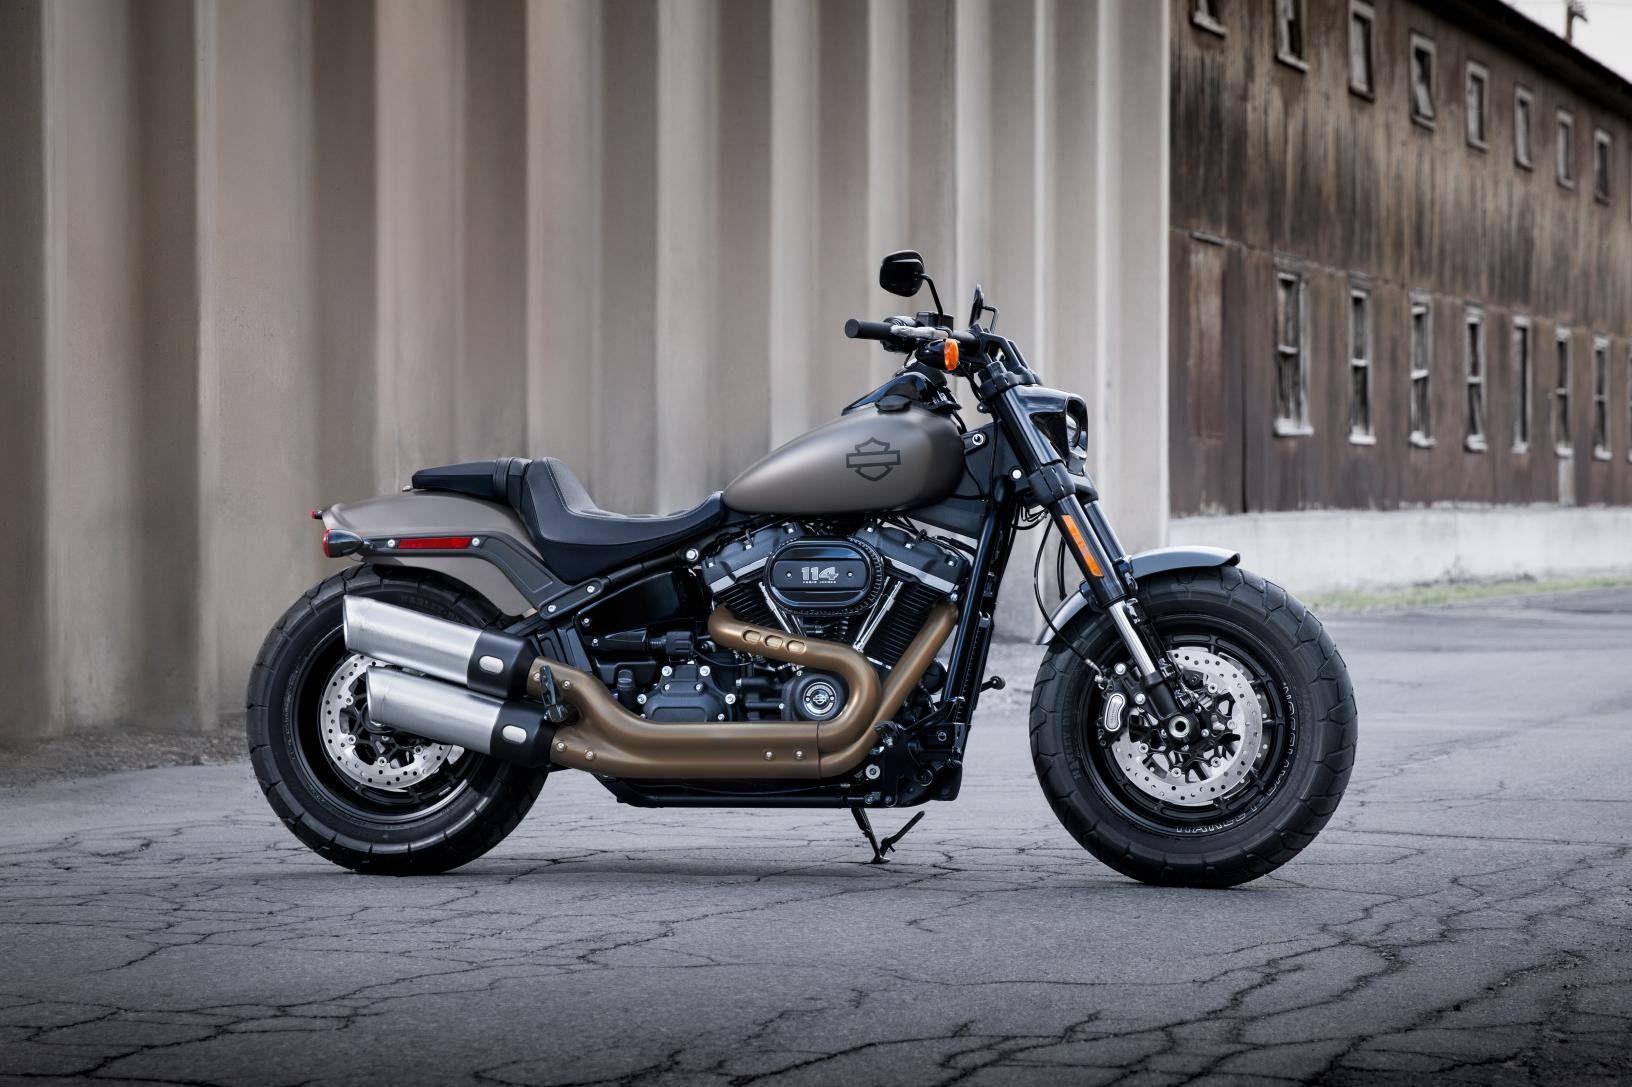 2018 fat bob 114 motorcycles pinterest harley davidson. Black Bedroom Furniture Sets. Home Design Ideas